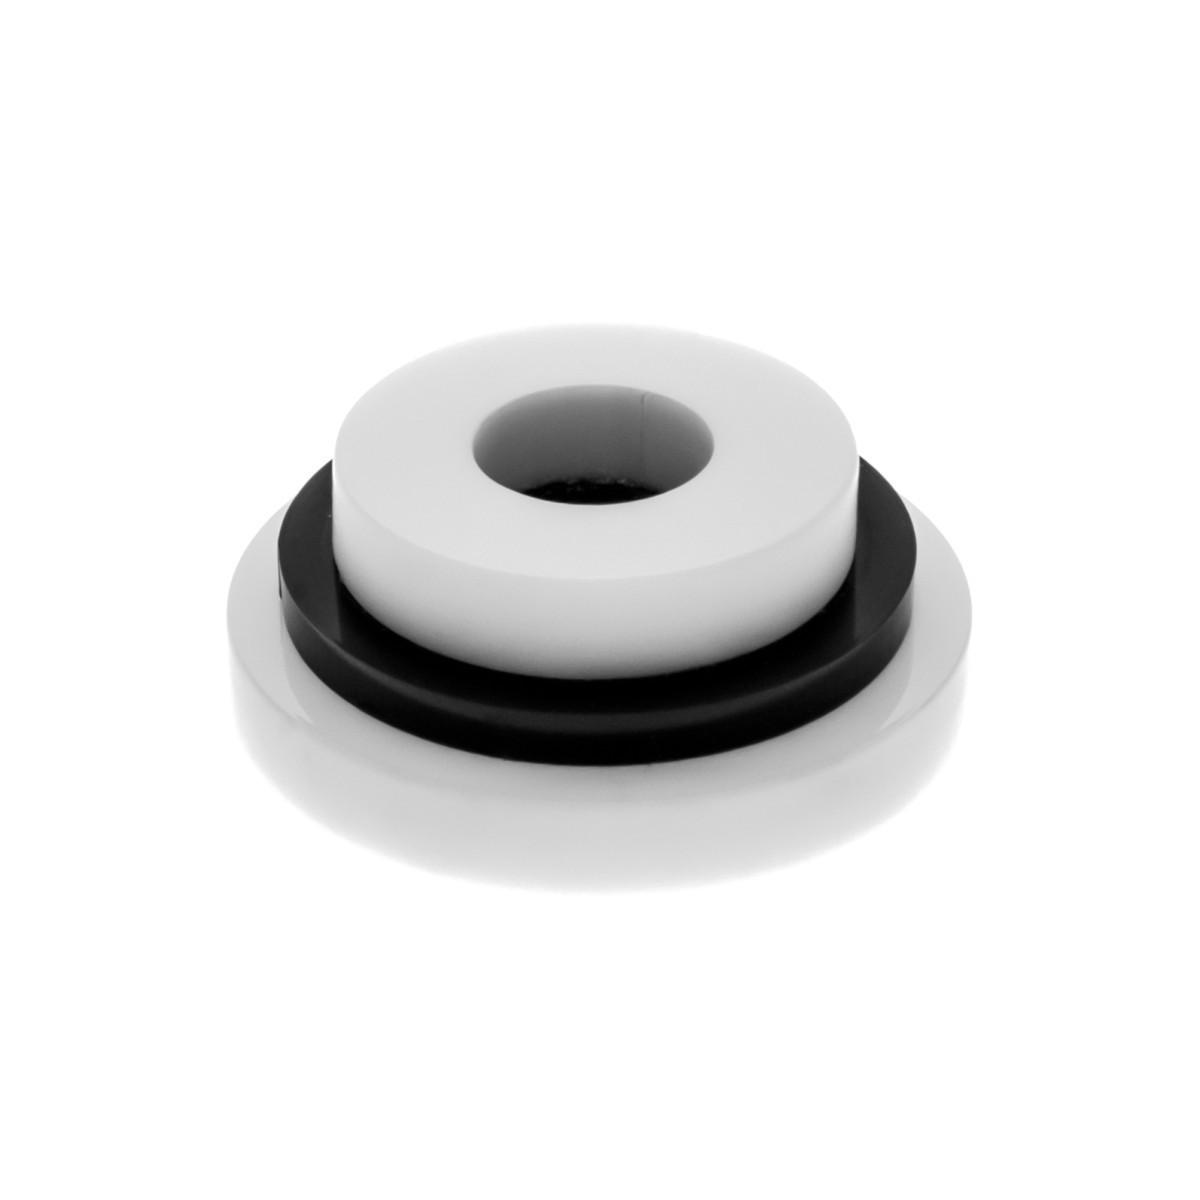 E-080 PCN-C - Porta candele in plexiglass colorato C